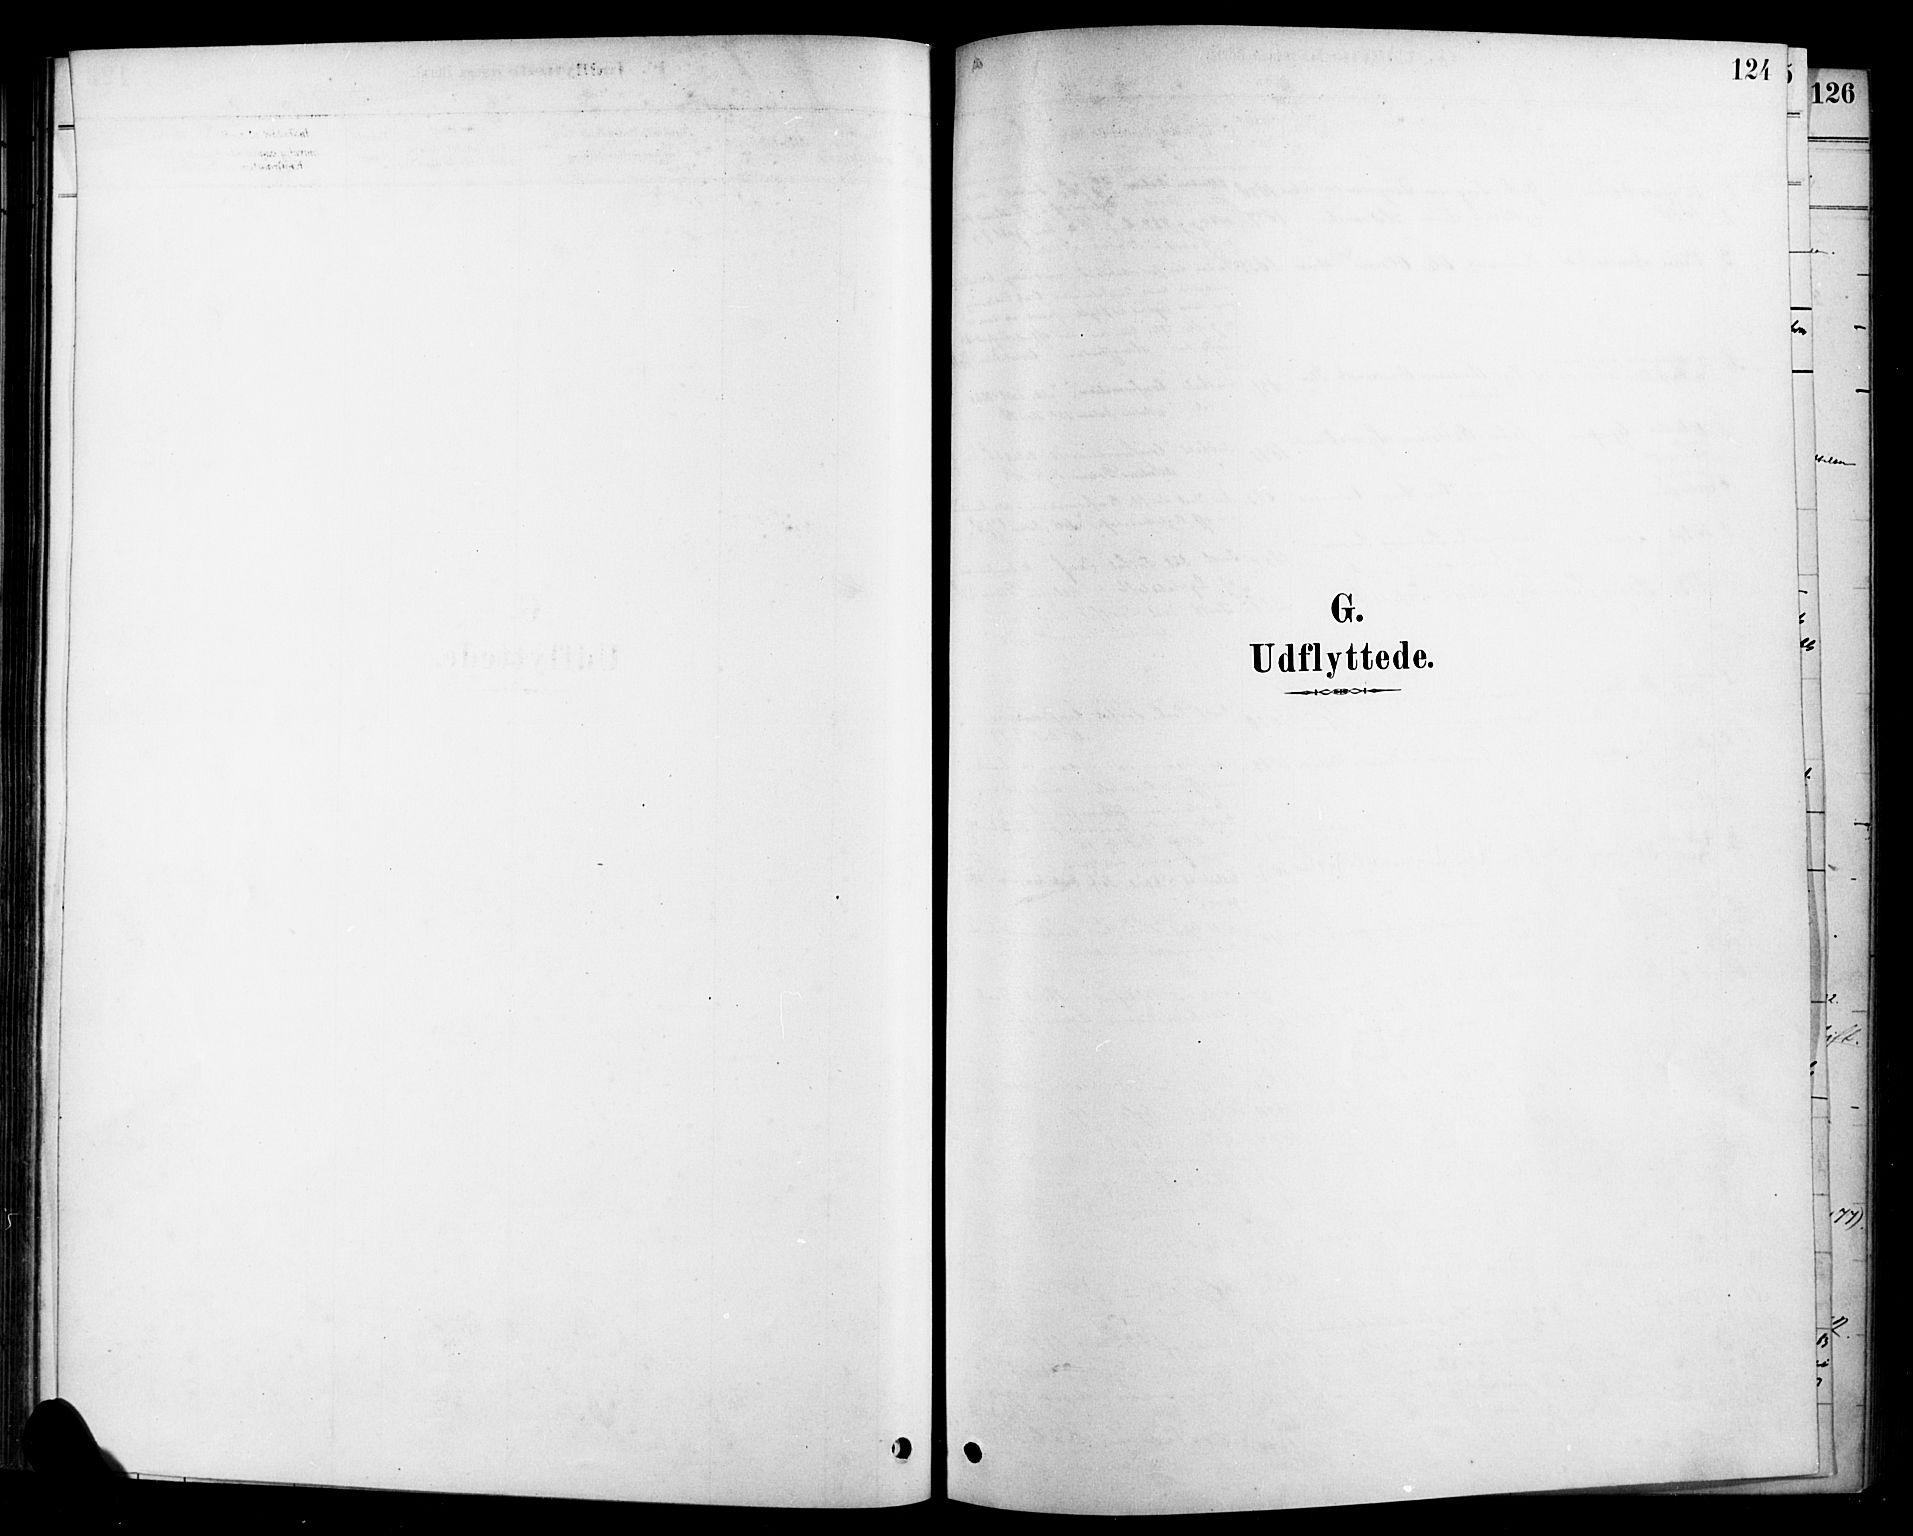 SAKO, Heddal kirkebøker, F/Fa/L0009: Ministerialbok nr. I 9, 1878-1903, s. 124